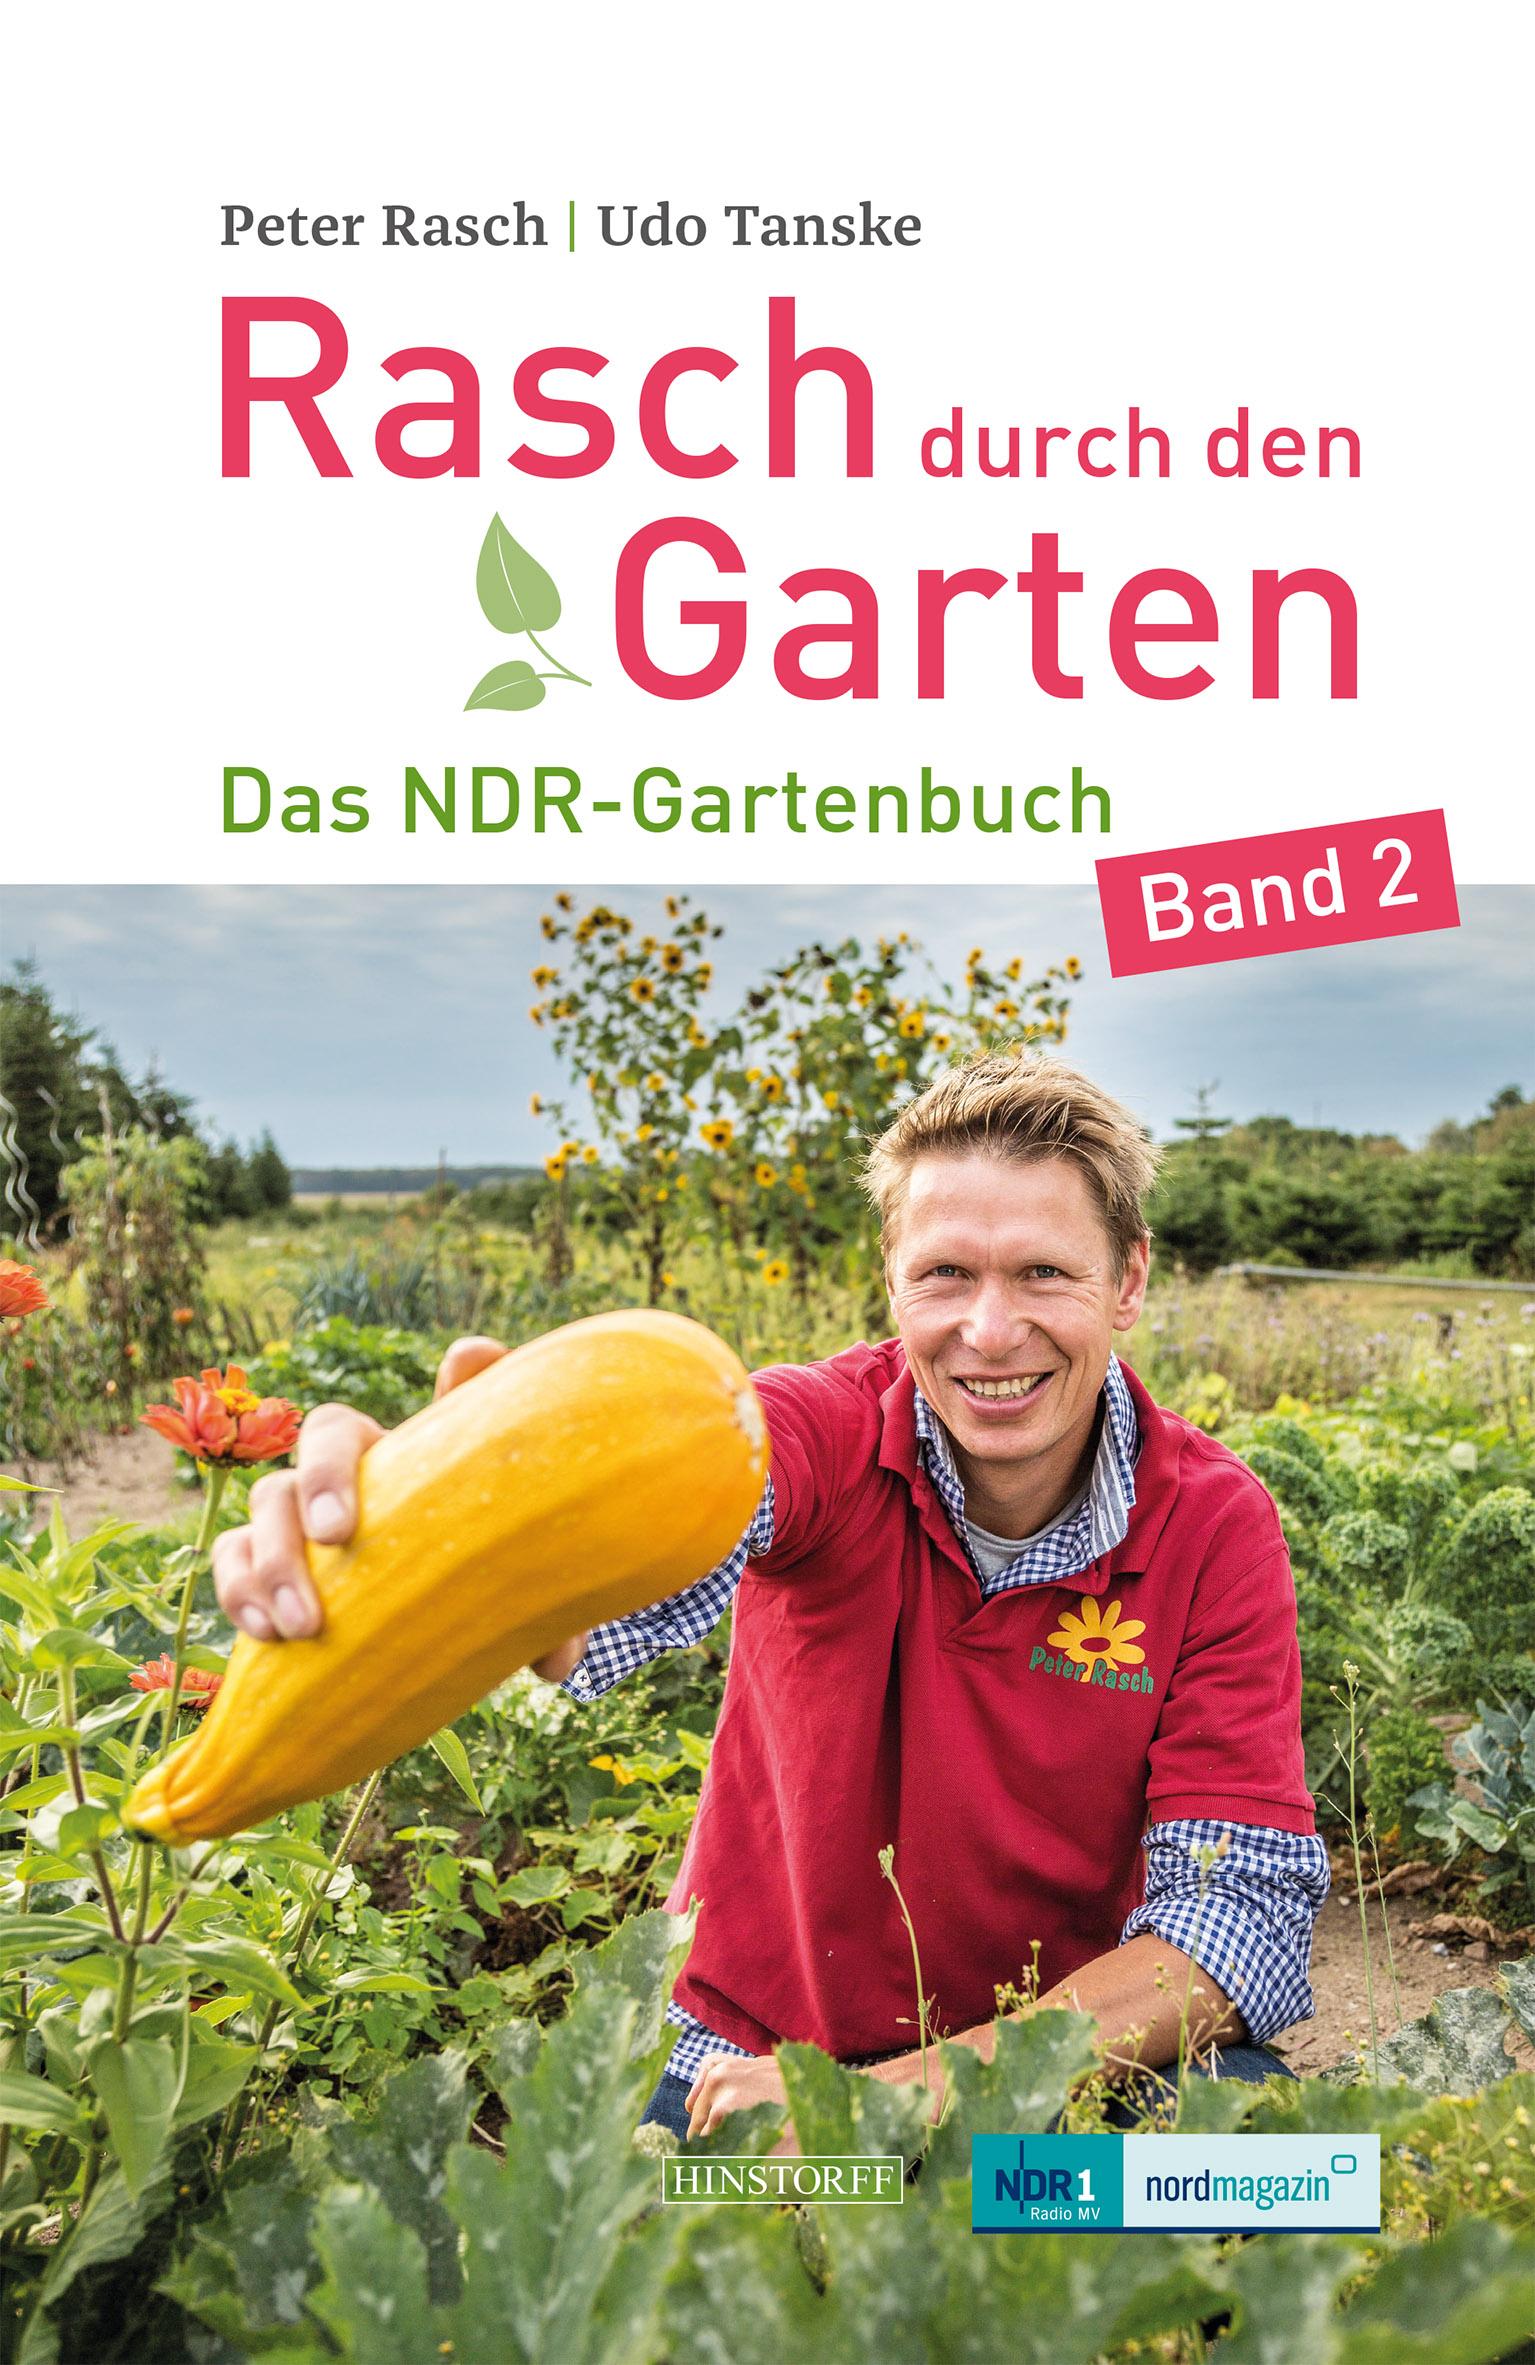 Rasch durch den Garten. Das NDR-Gartenbuch – Band 2